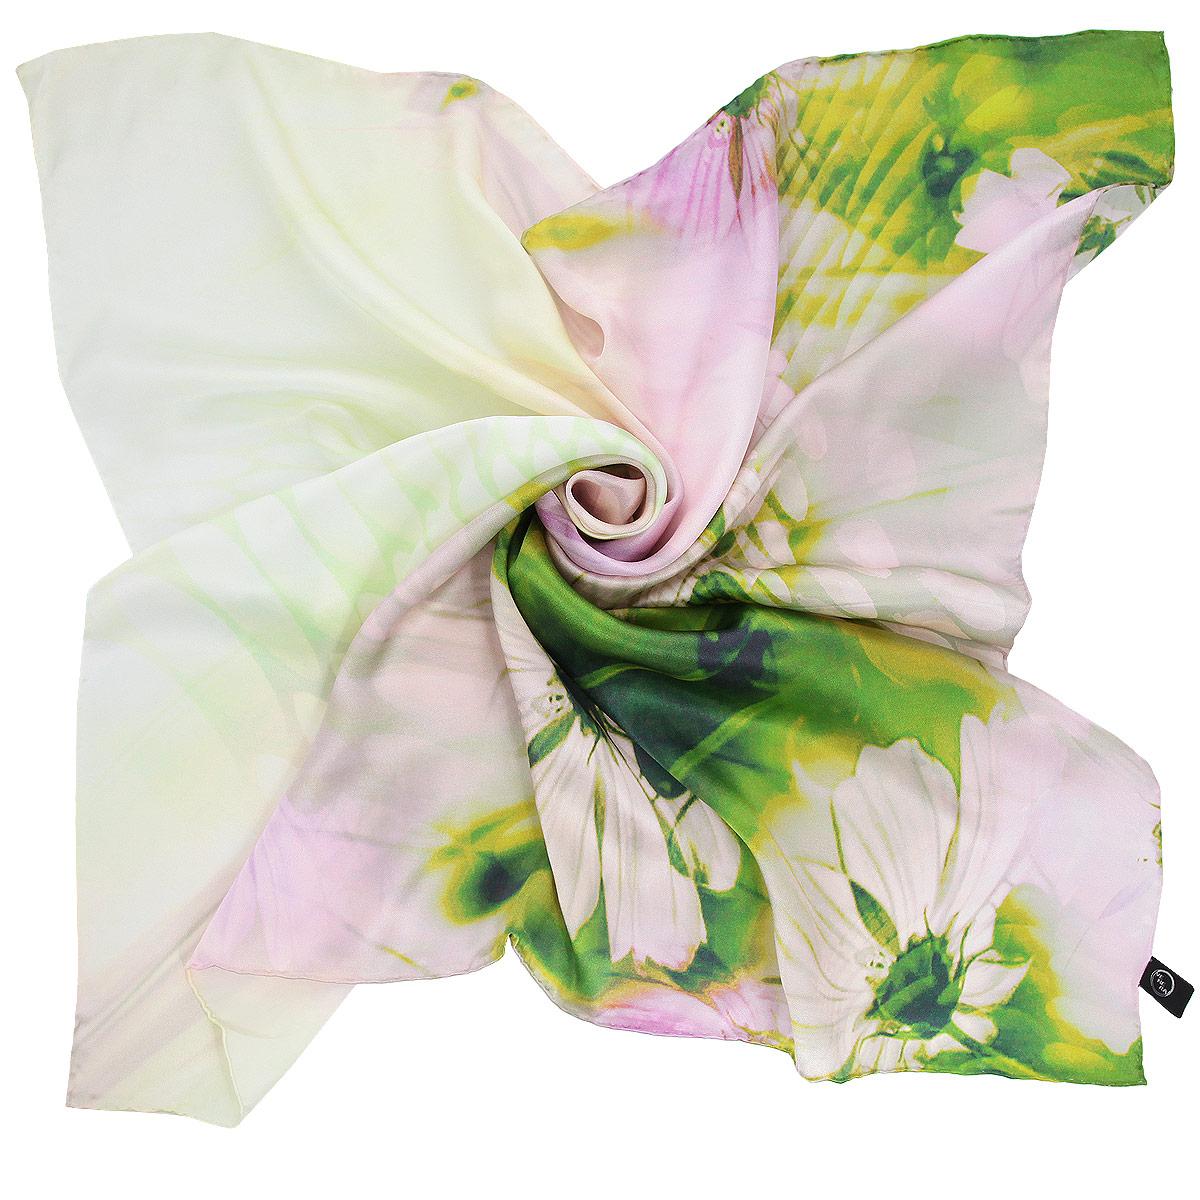 Платок1802129-04 ПлатокВеликолепный платок Venera подчеркнет ваш неповторимый образ. Изделие выполнено из натурального шелка и оформлено цветочным принтом. Края платка обработаны вручную. Этот модный аксессуар женского гардероба гармонично дополнит образ современной женщины, следящей за своим имиджем и стремящейся всегда оставаться стильной и элегантной.